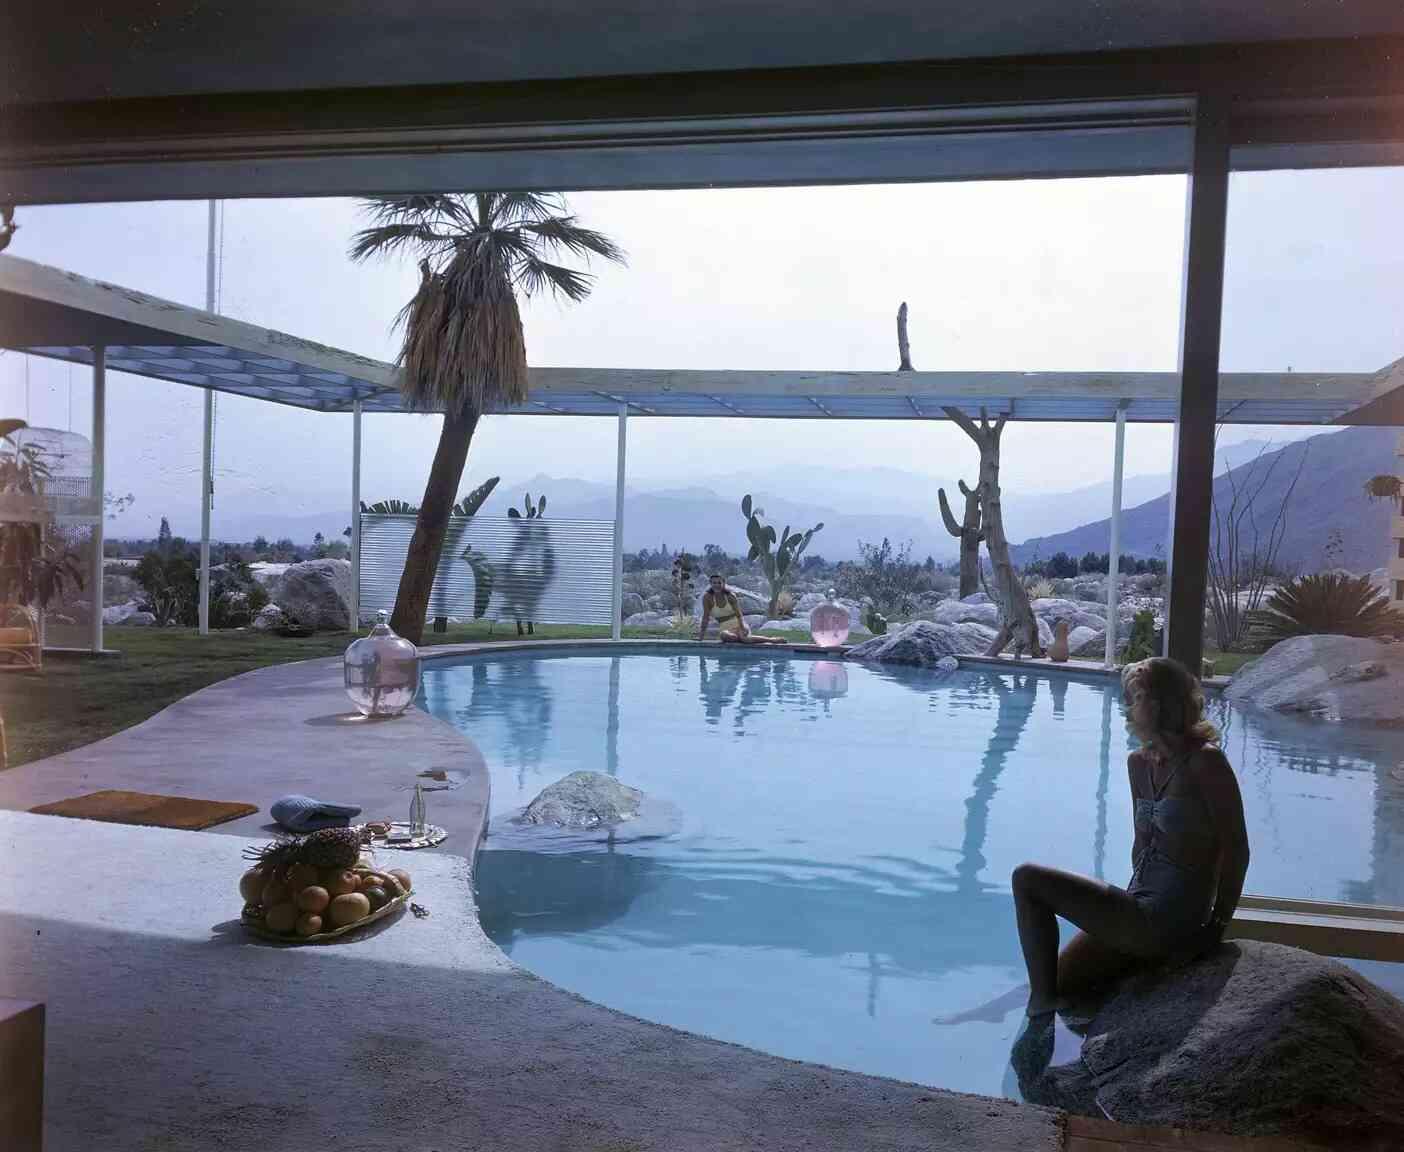 biệt thự có hồ bơi trong nhà, thiết kế hồ bơi mini trong nhà phố